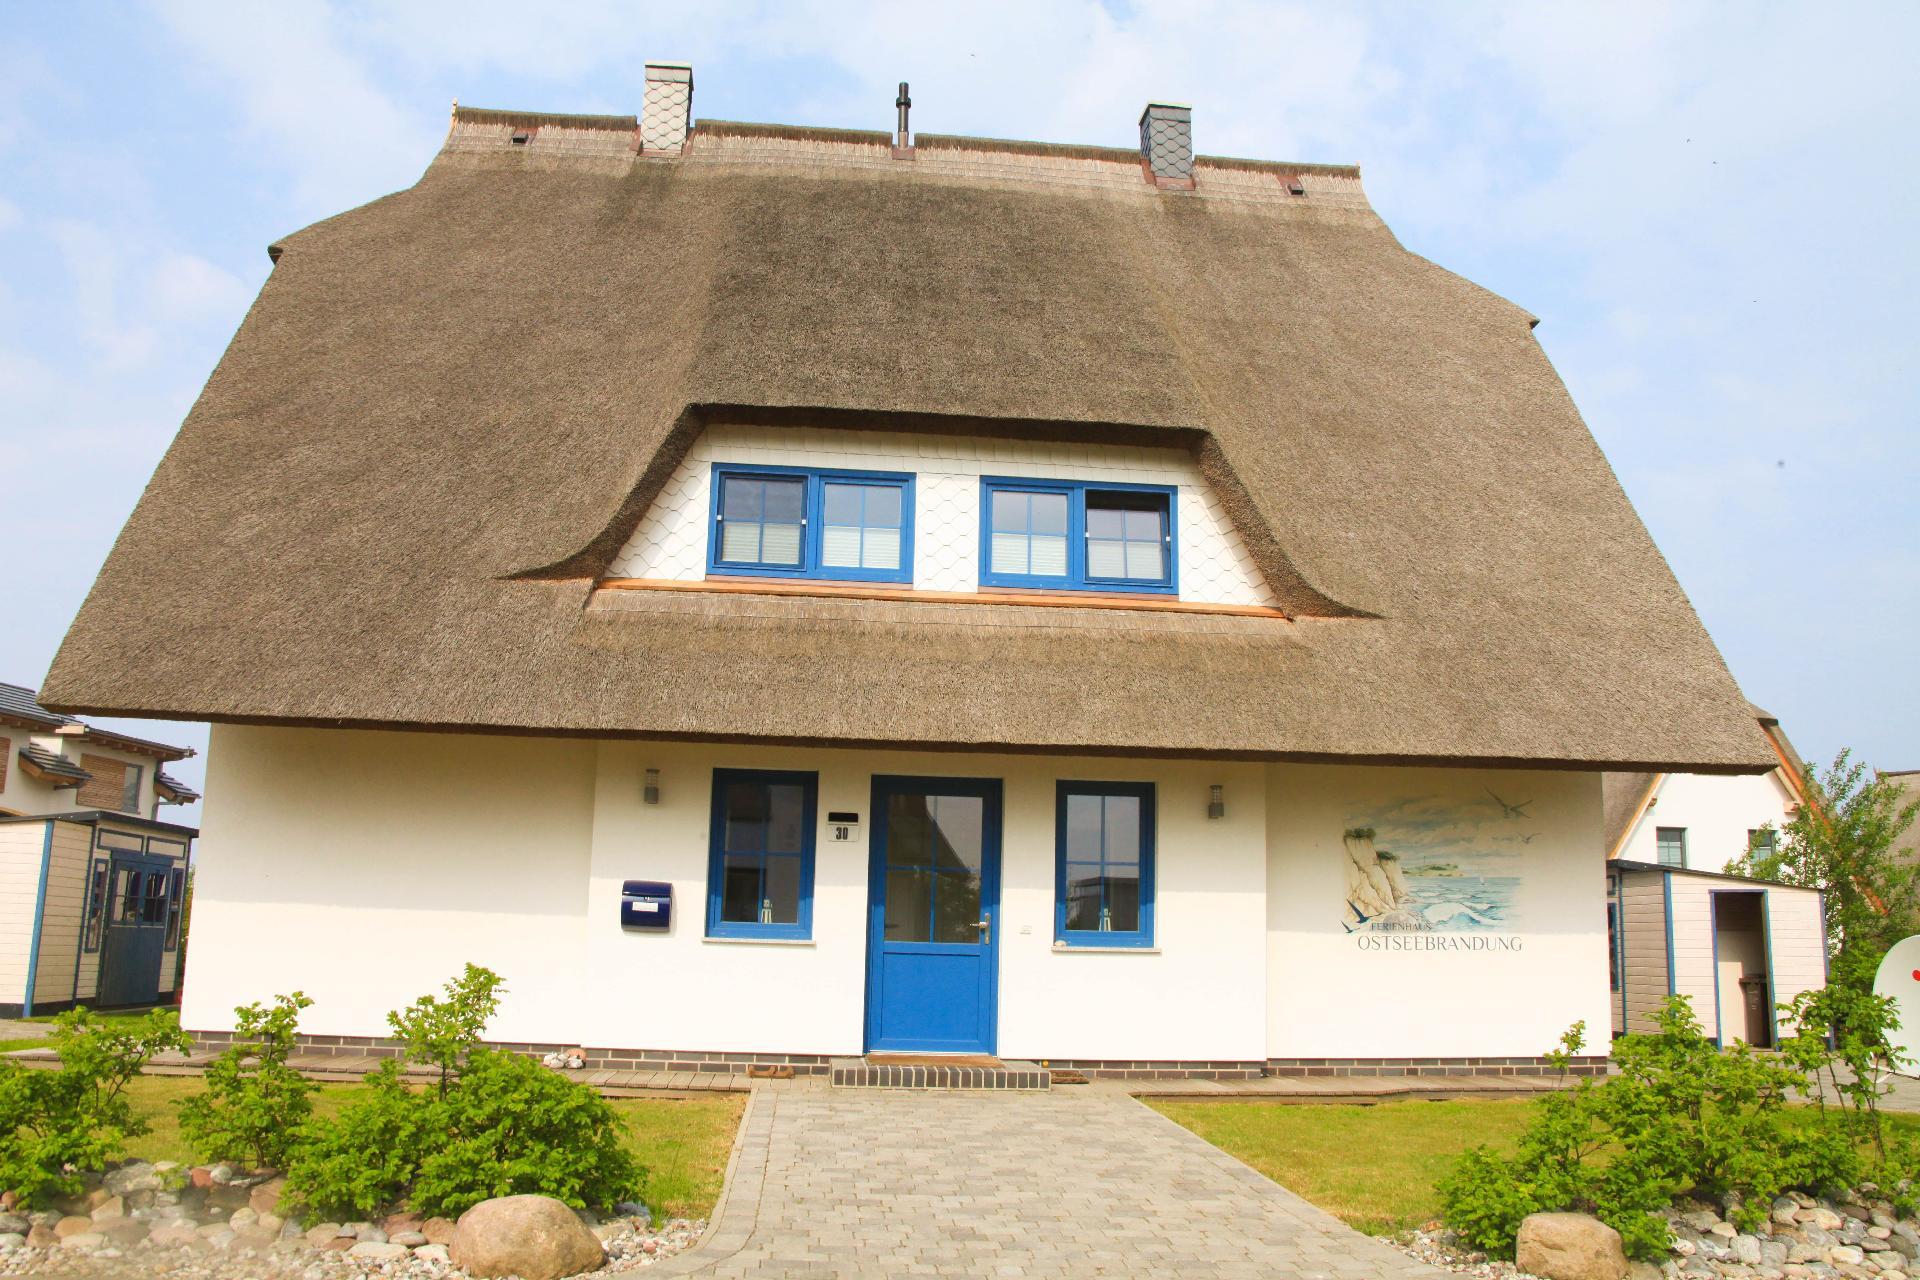 Ferienhaus für 4 Personen  + 2 Kinder ca. 100